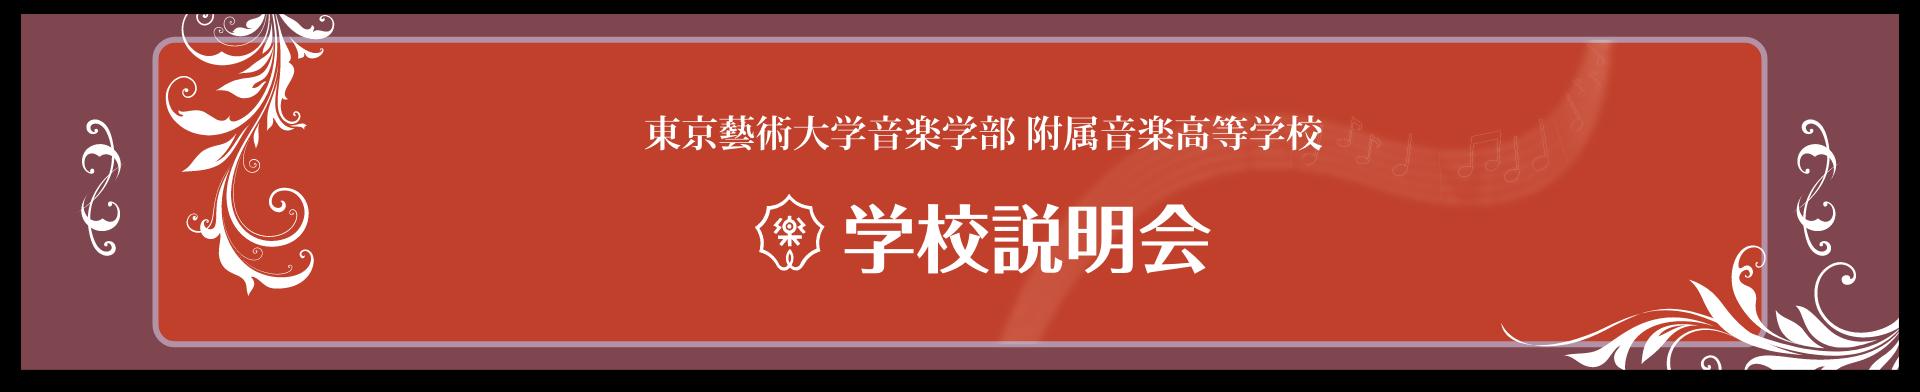 東京芸術大学音楽学部附属音楽高等学校学校説明会ページ